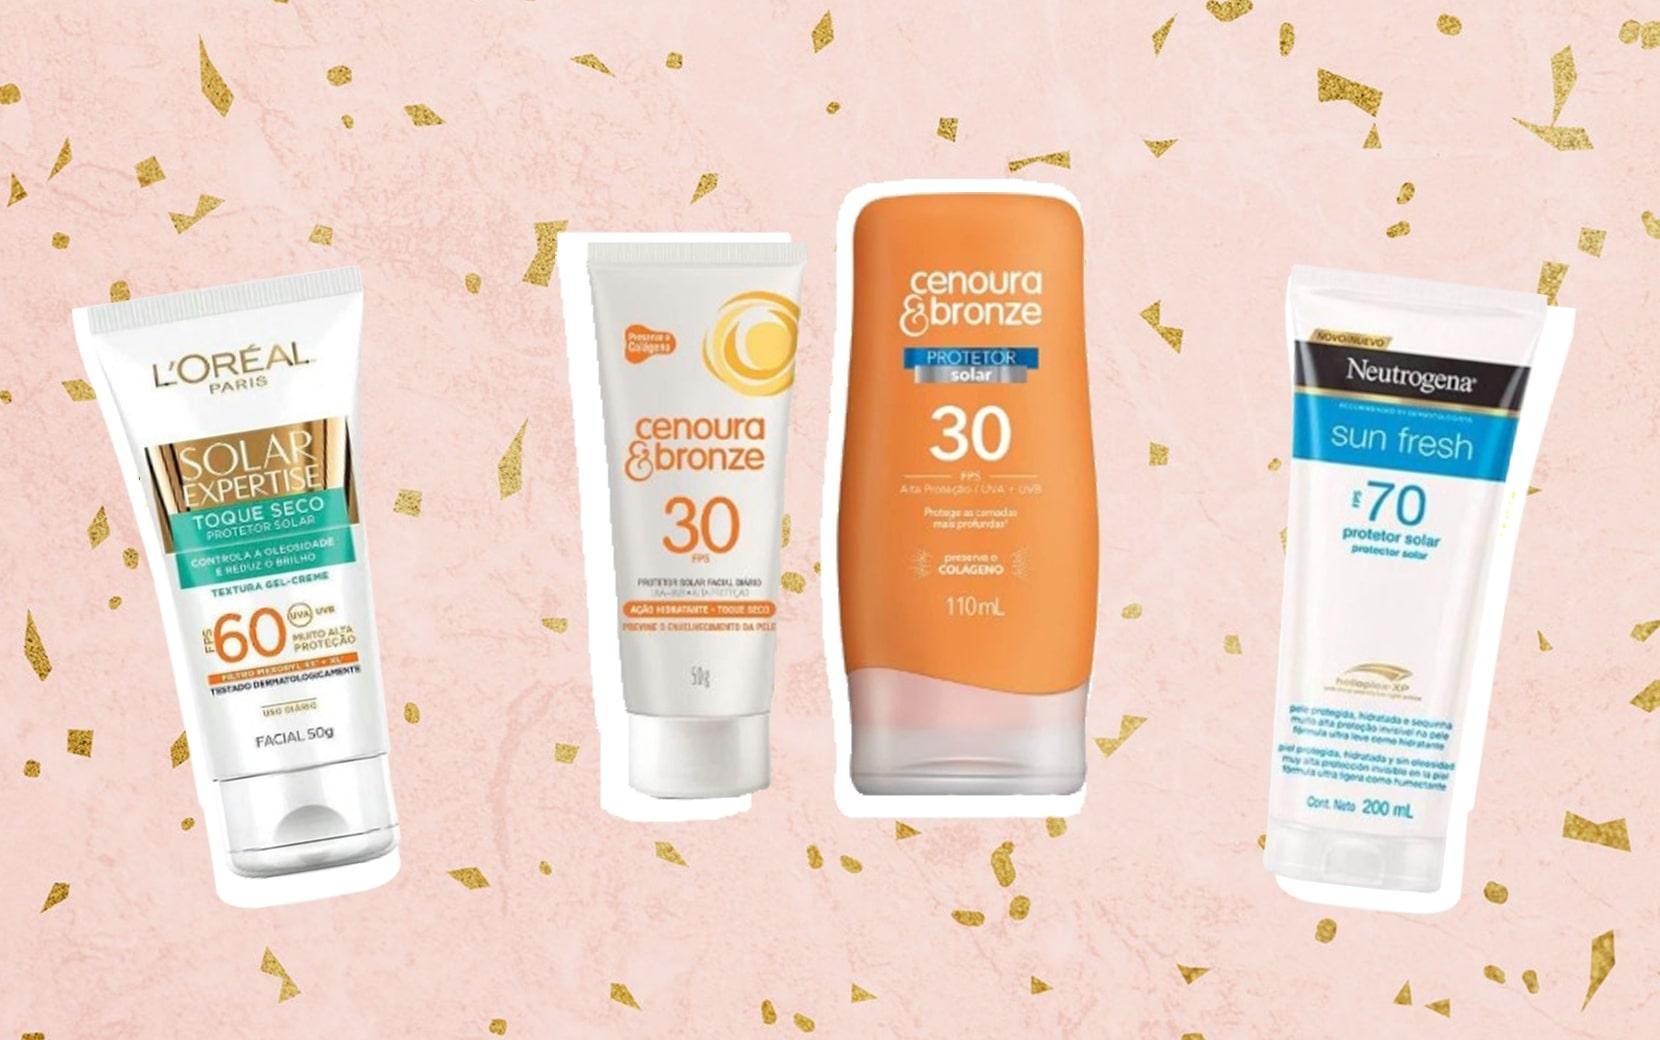 7 protetores solares para cuidar da pele neste verão